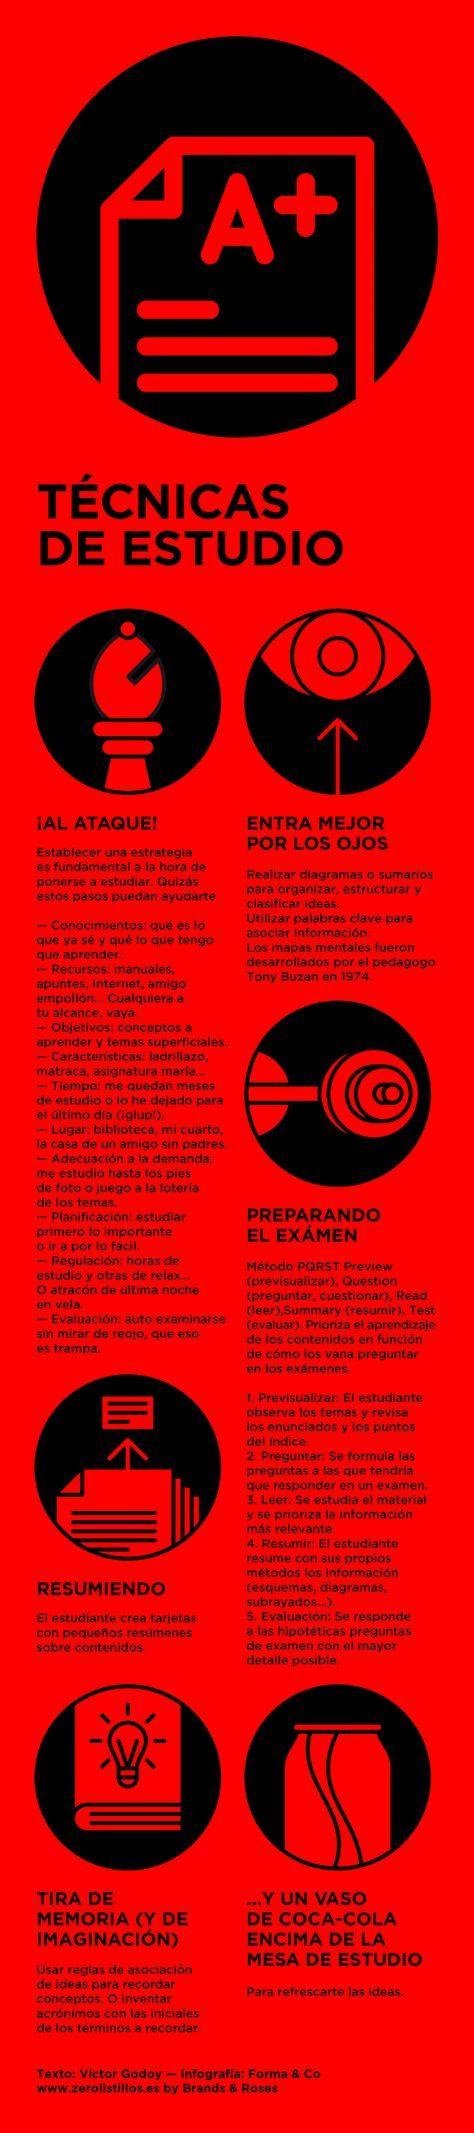 Outlook.com - alejandri37@hotmail.com